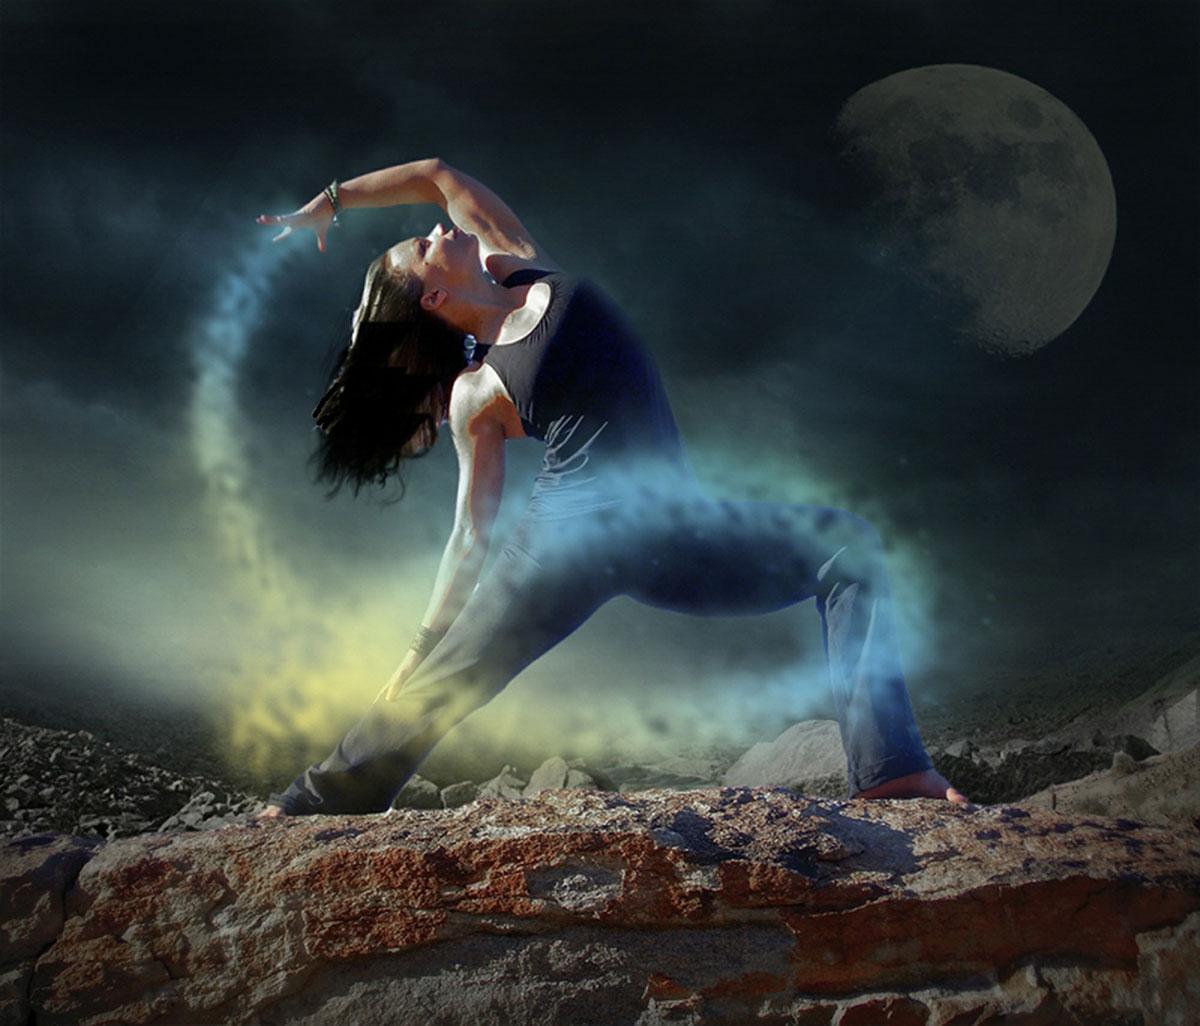 5rhythms Dance & Movement